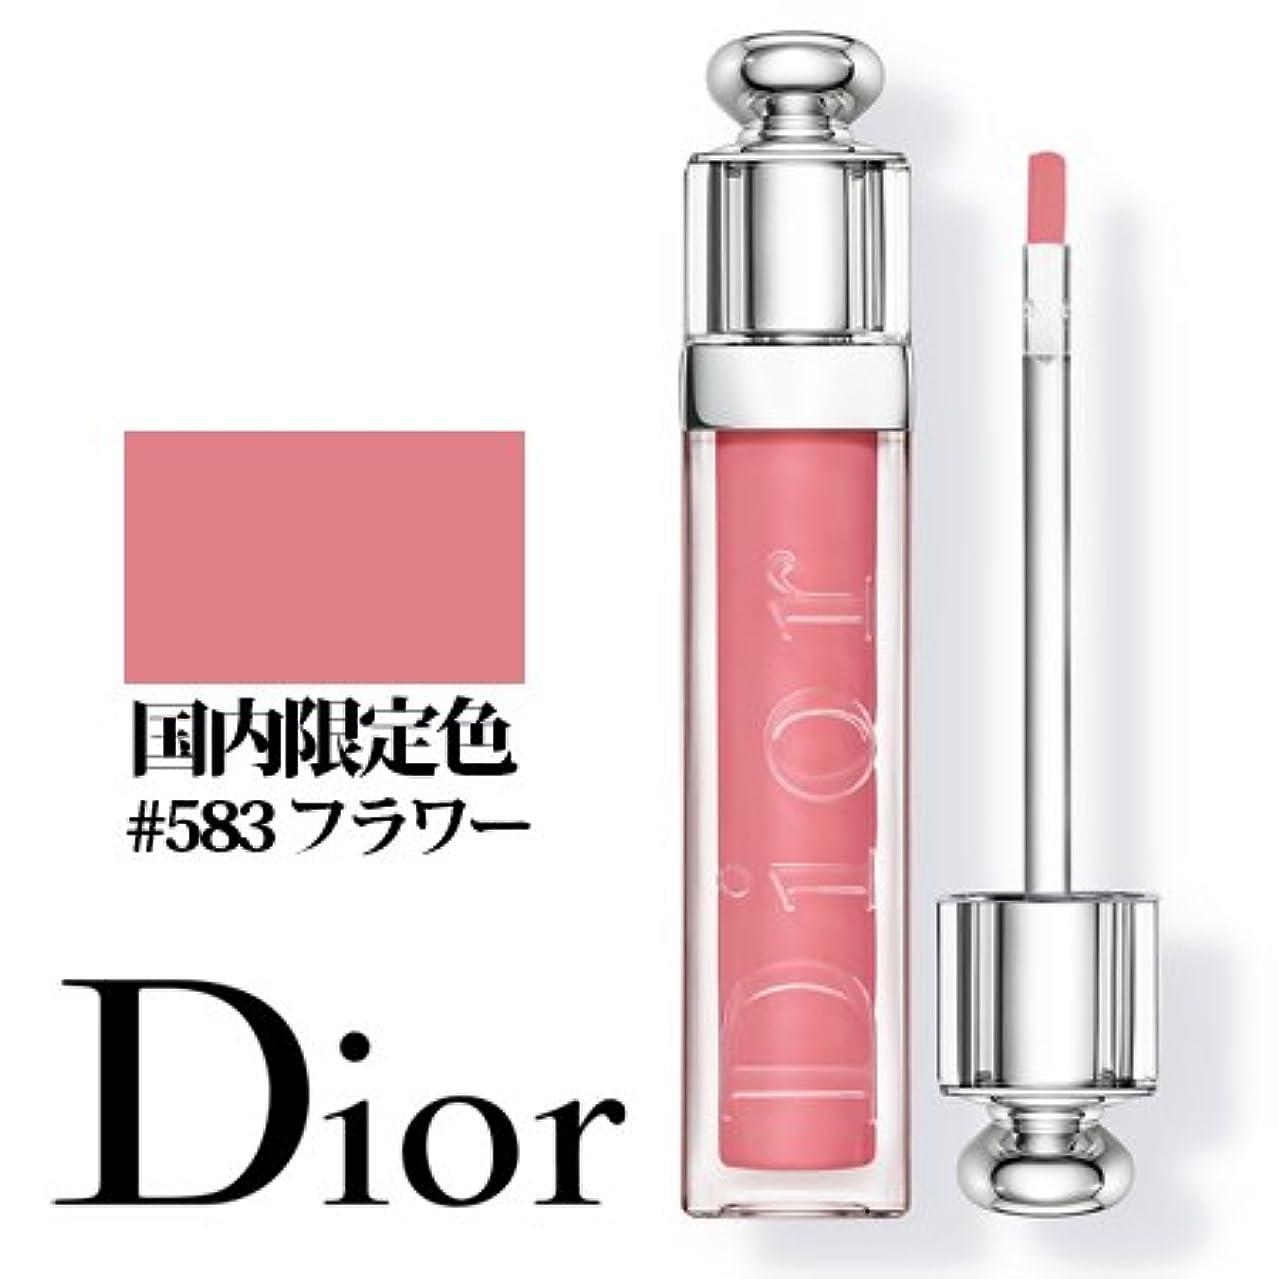 クマノミ充電つぶやきクリスチャン ディオール アディクト グロス #583 フラワー [国内限定色] -Dior- 【国内正規品】